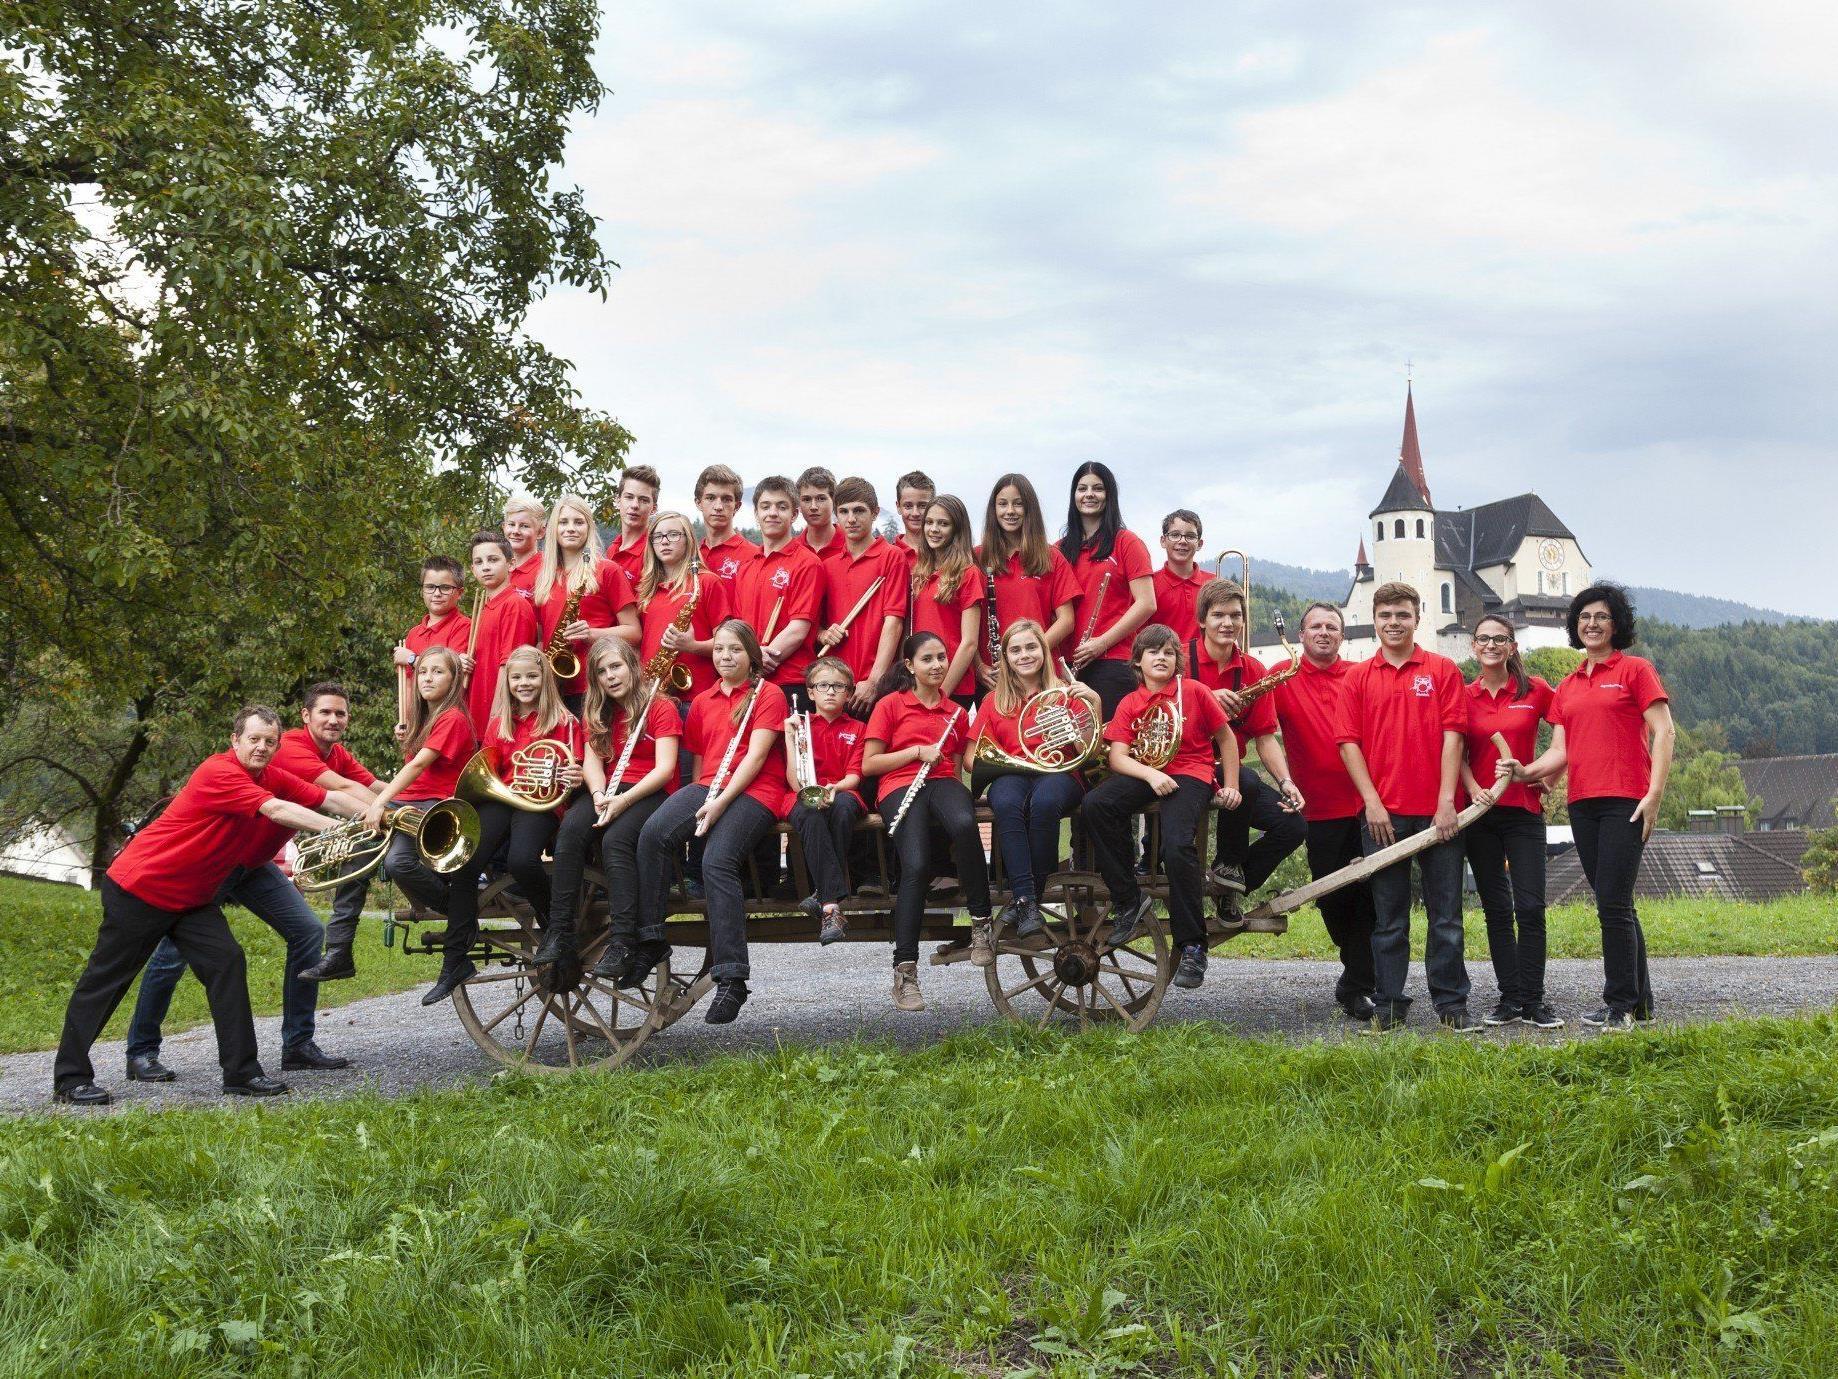 Auch die Jugendkapelle feiert beim Bezirksmusikfest ihr 50 Jahr Jubiläum.